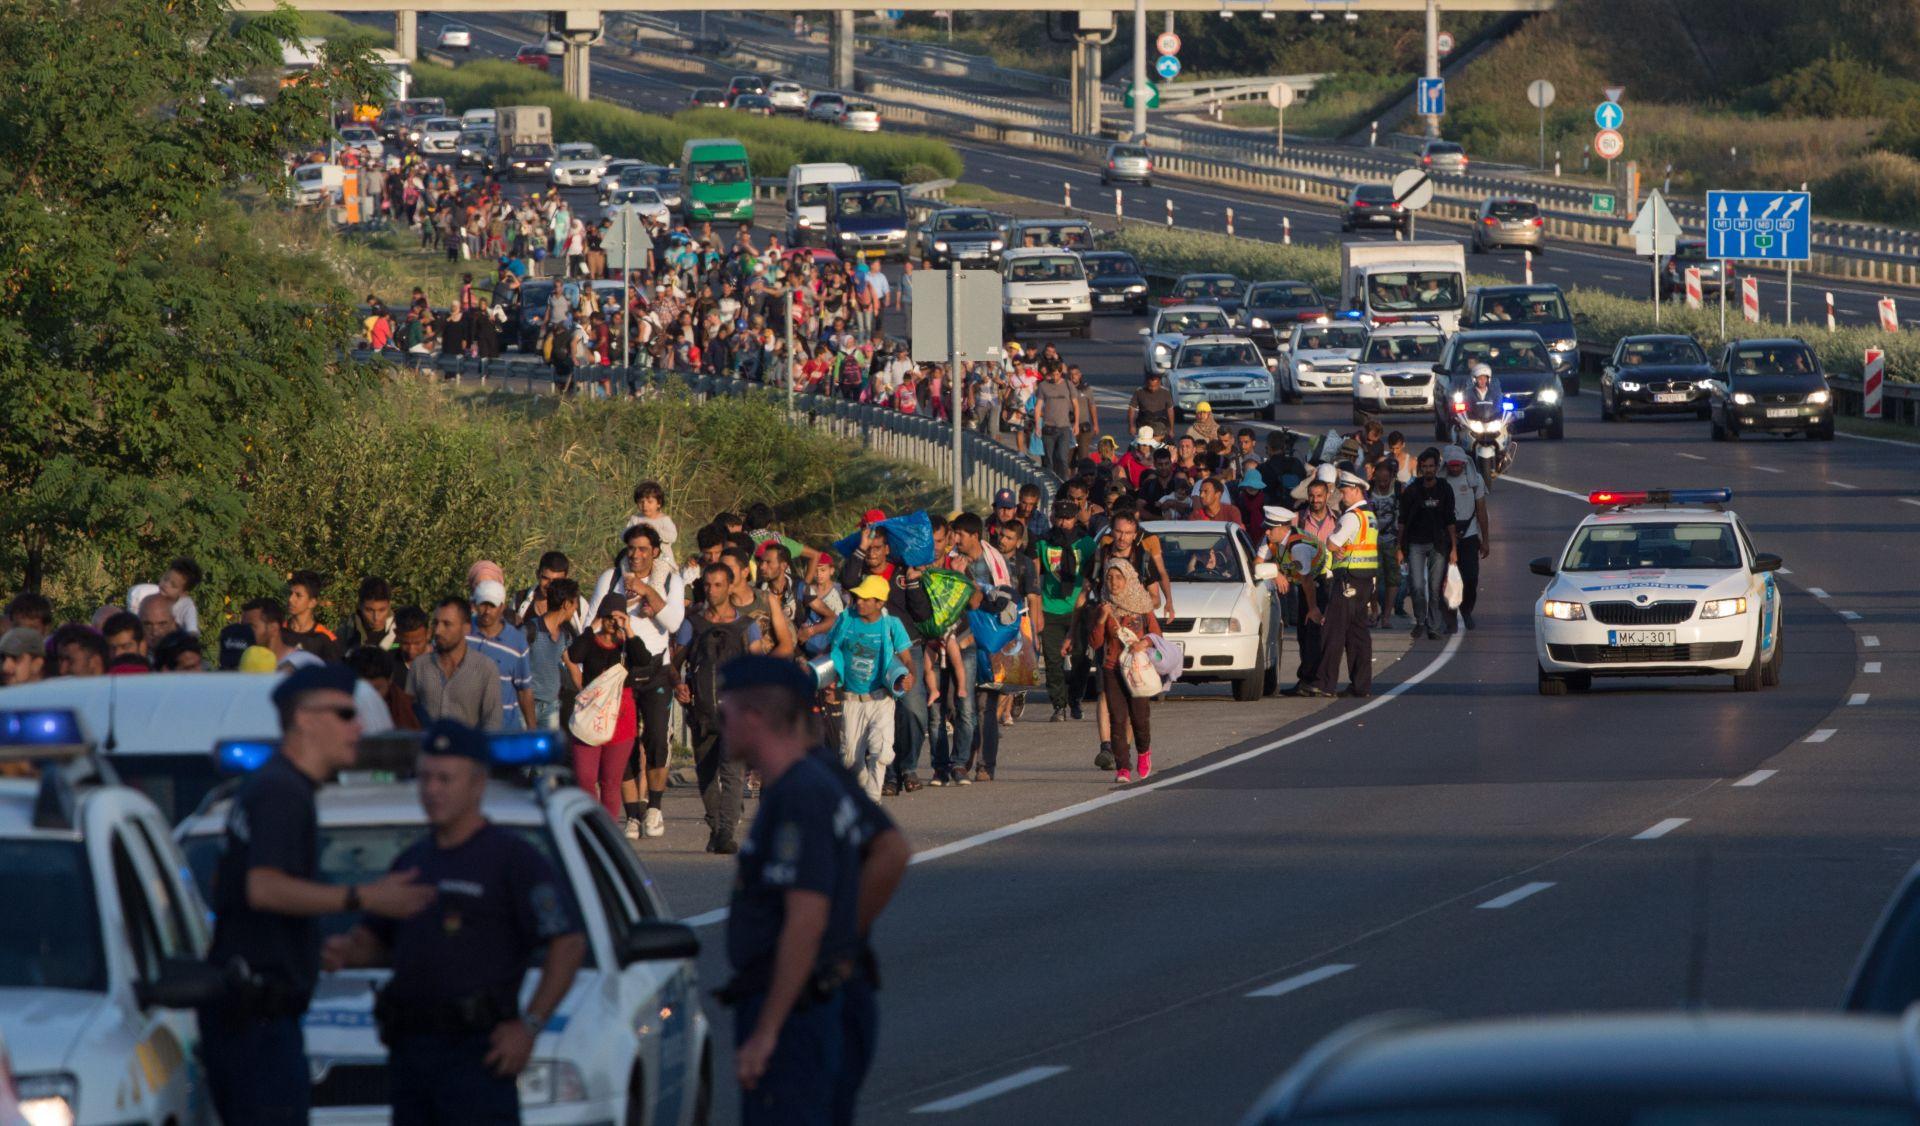 NAKON NJEMAČKE: I Češka pojačava kontrole na granici